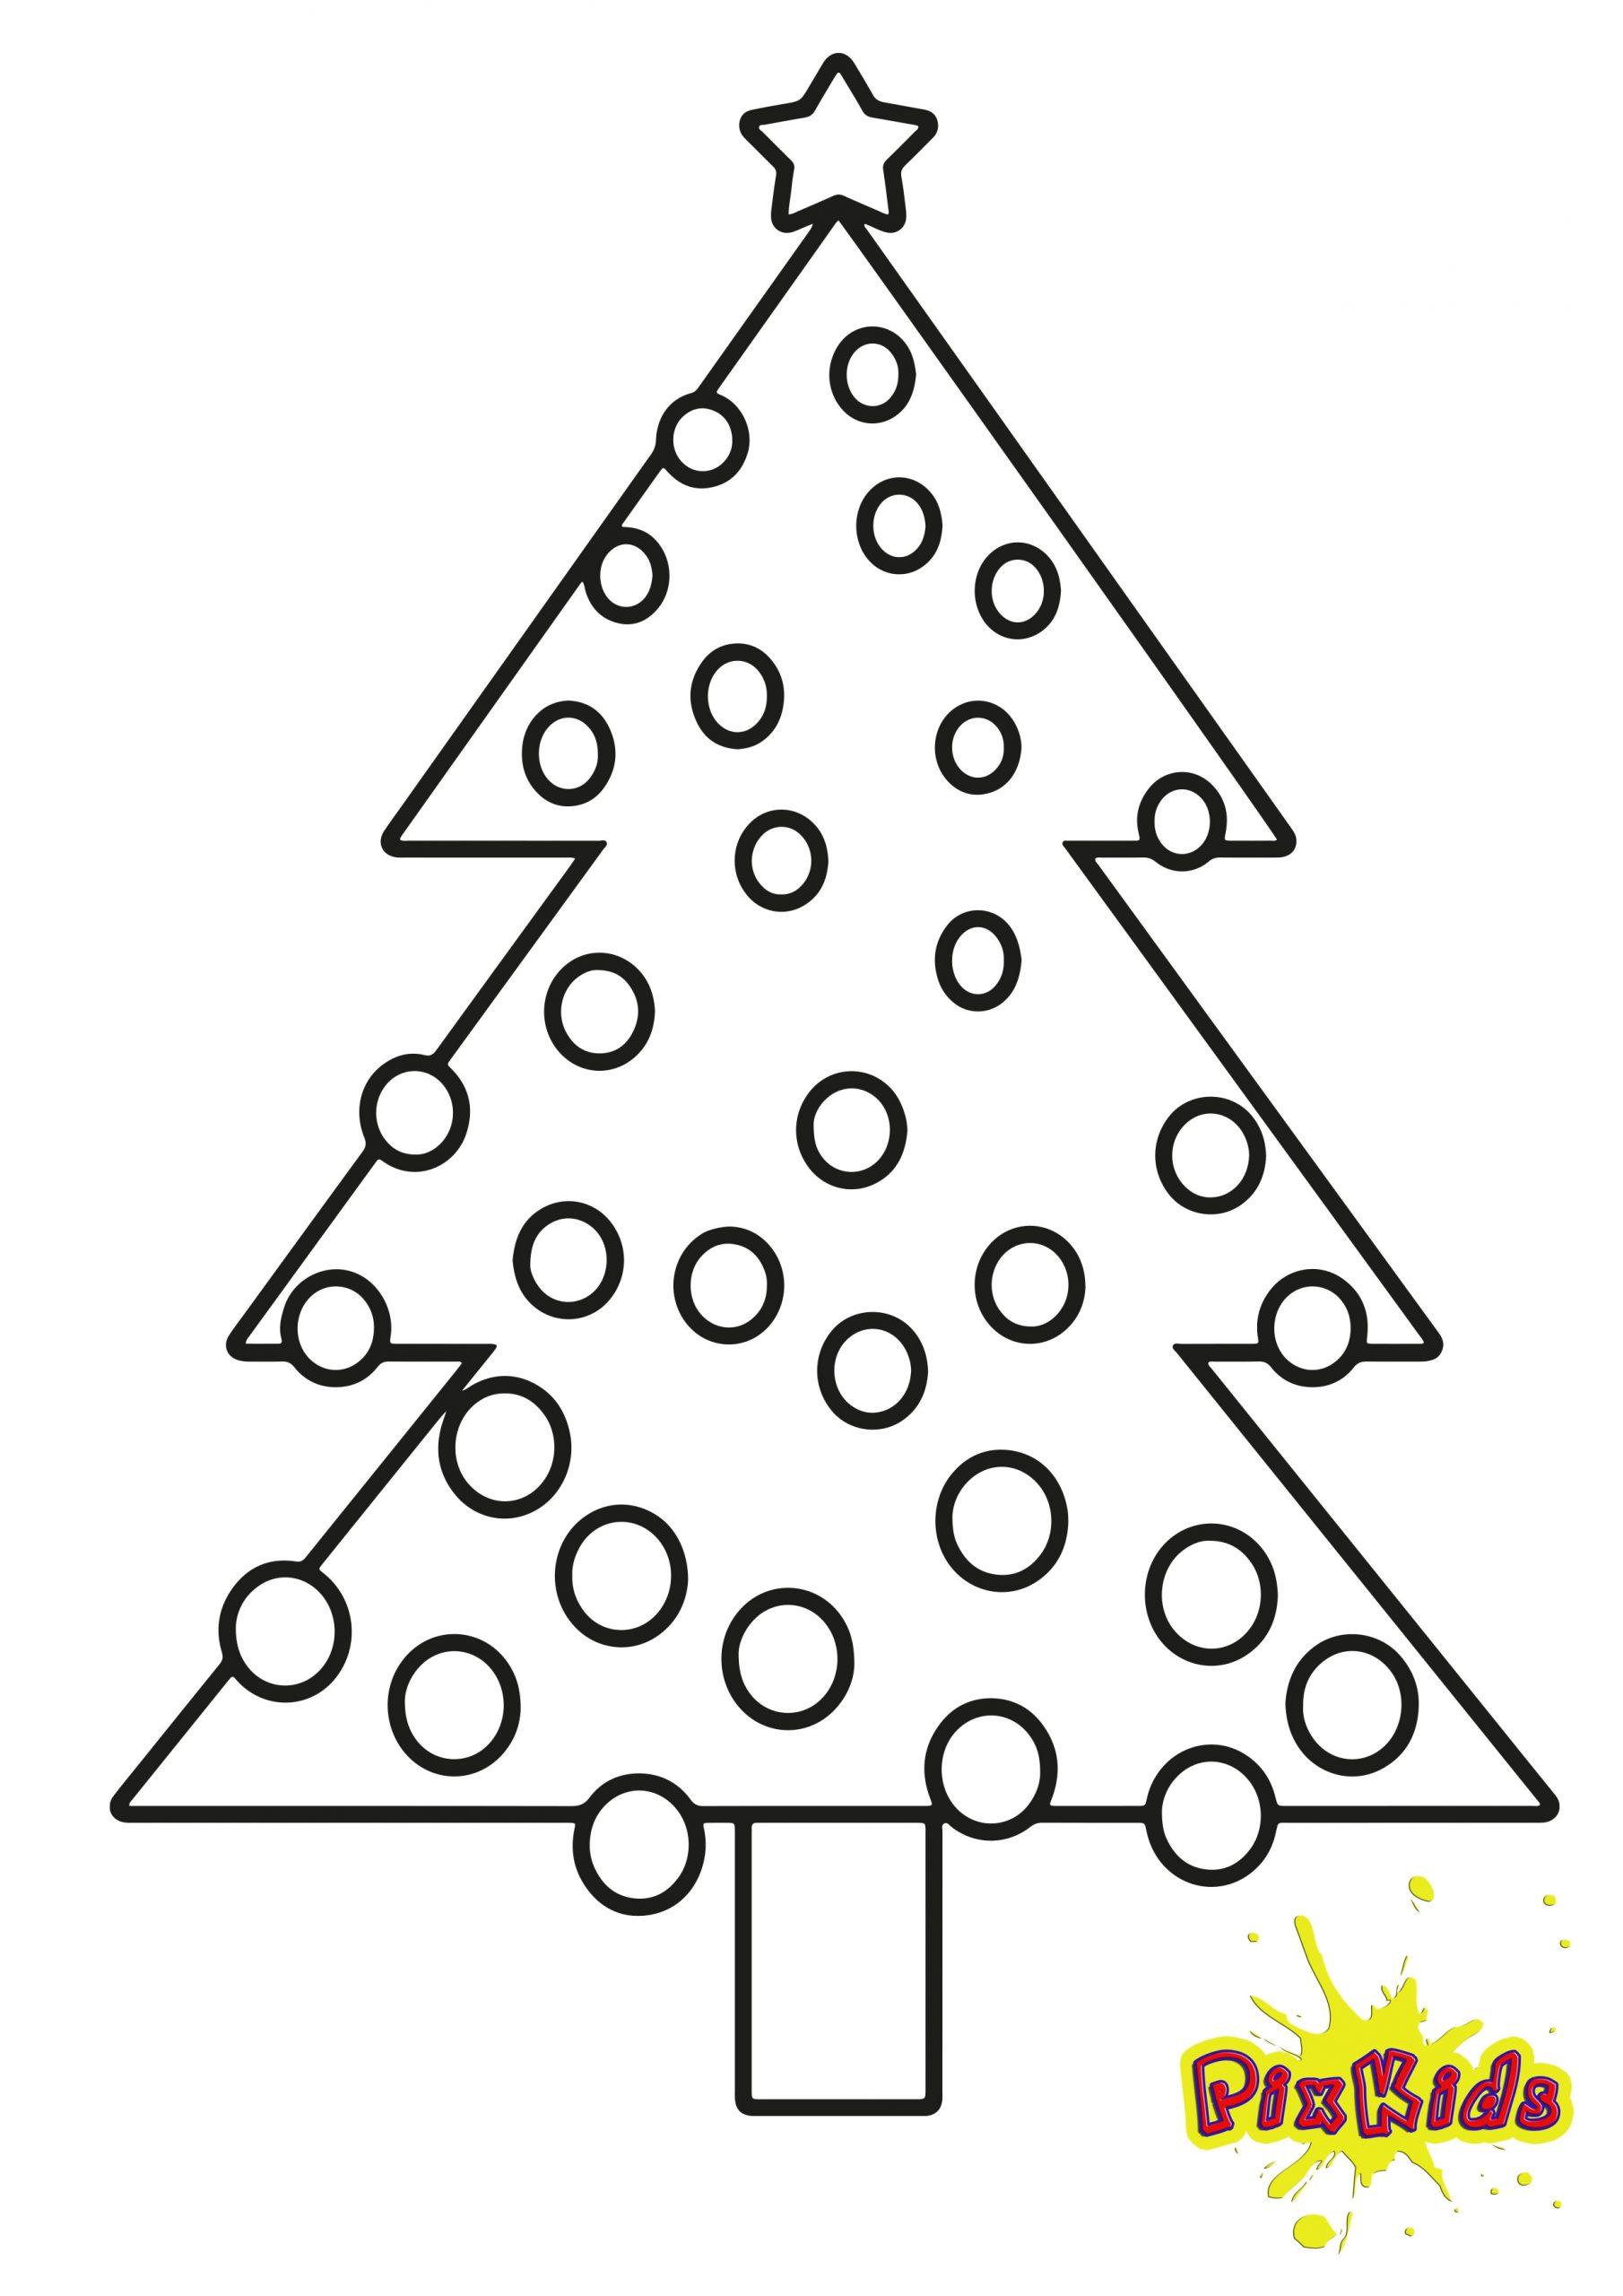 Ausmalbild Tannenbaum Weihnachtsbaum - Kostenlose Malvorlagen ganzes Malvorlagen Tannenbaum